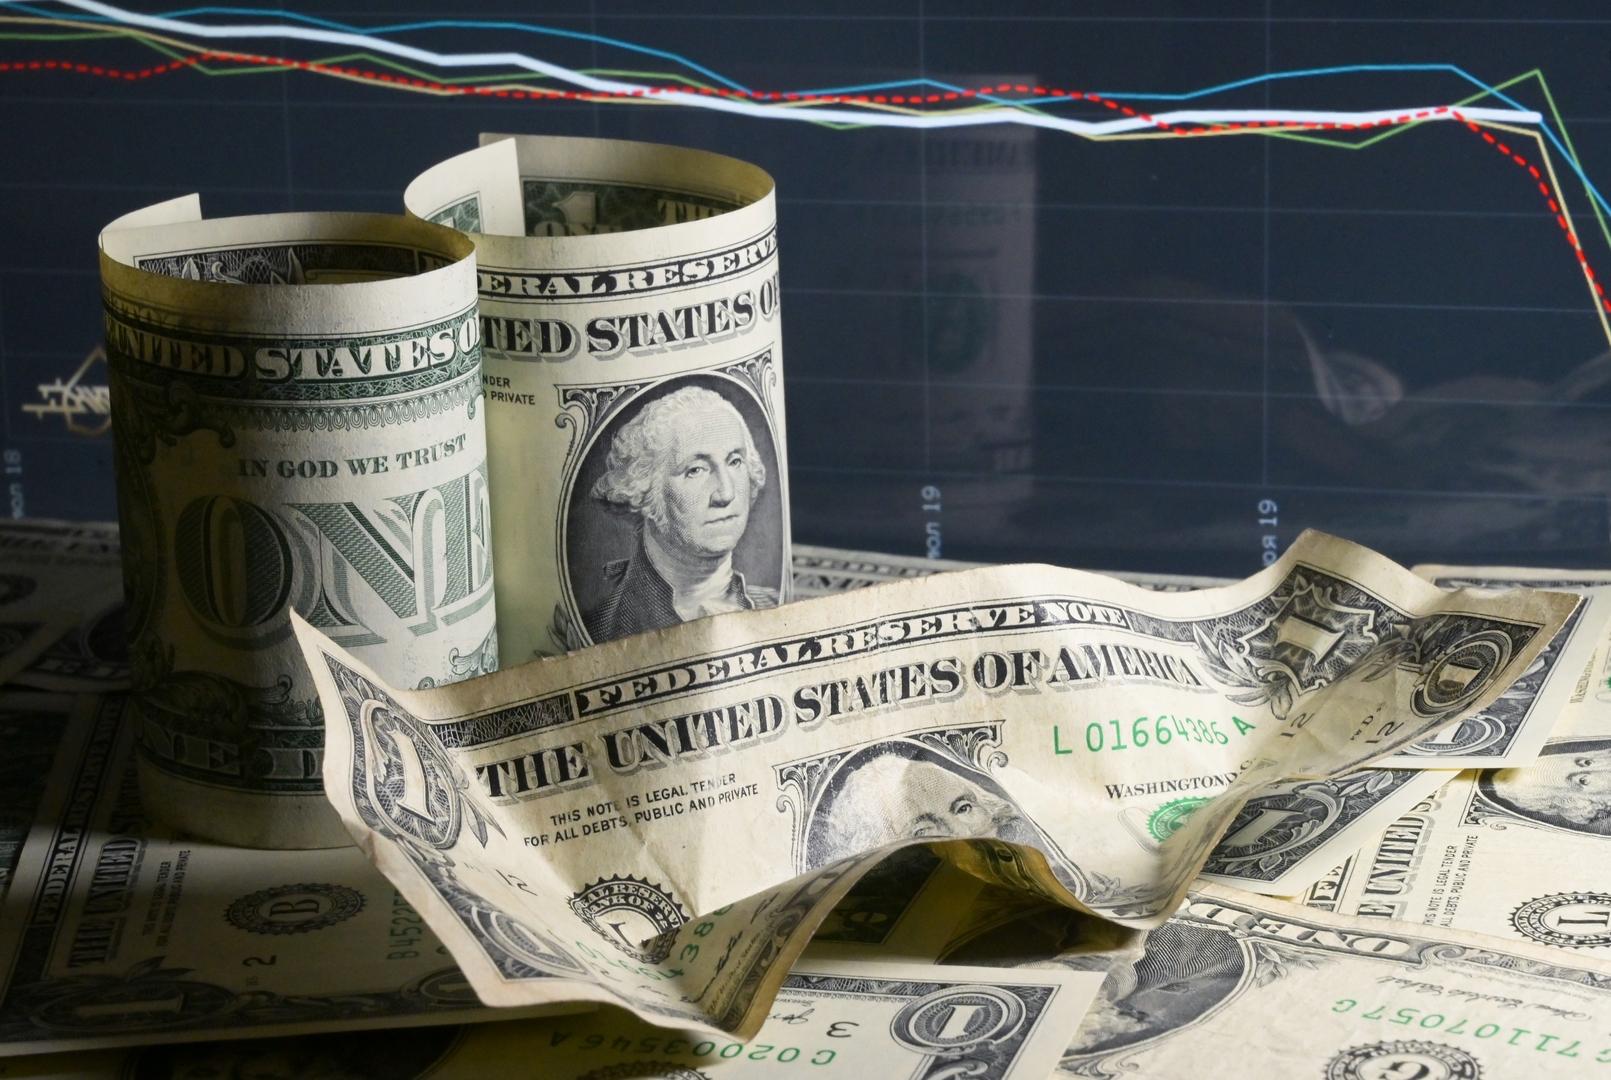 بوتين يحذر من مخاطر التضخمخلال الانتعاش الاقتصادي العالمي